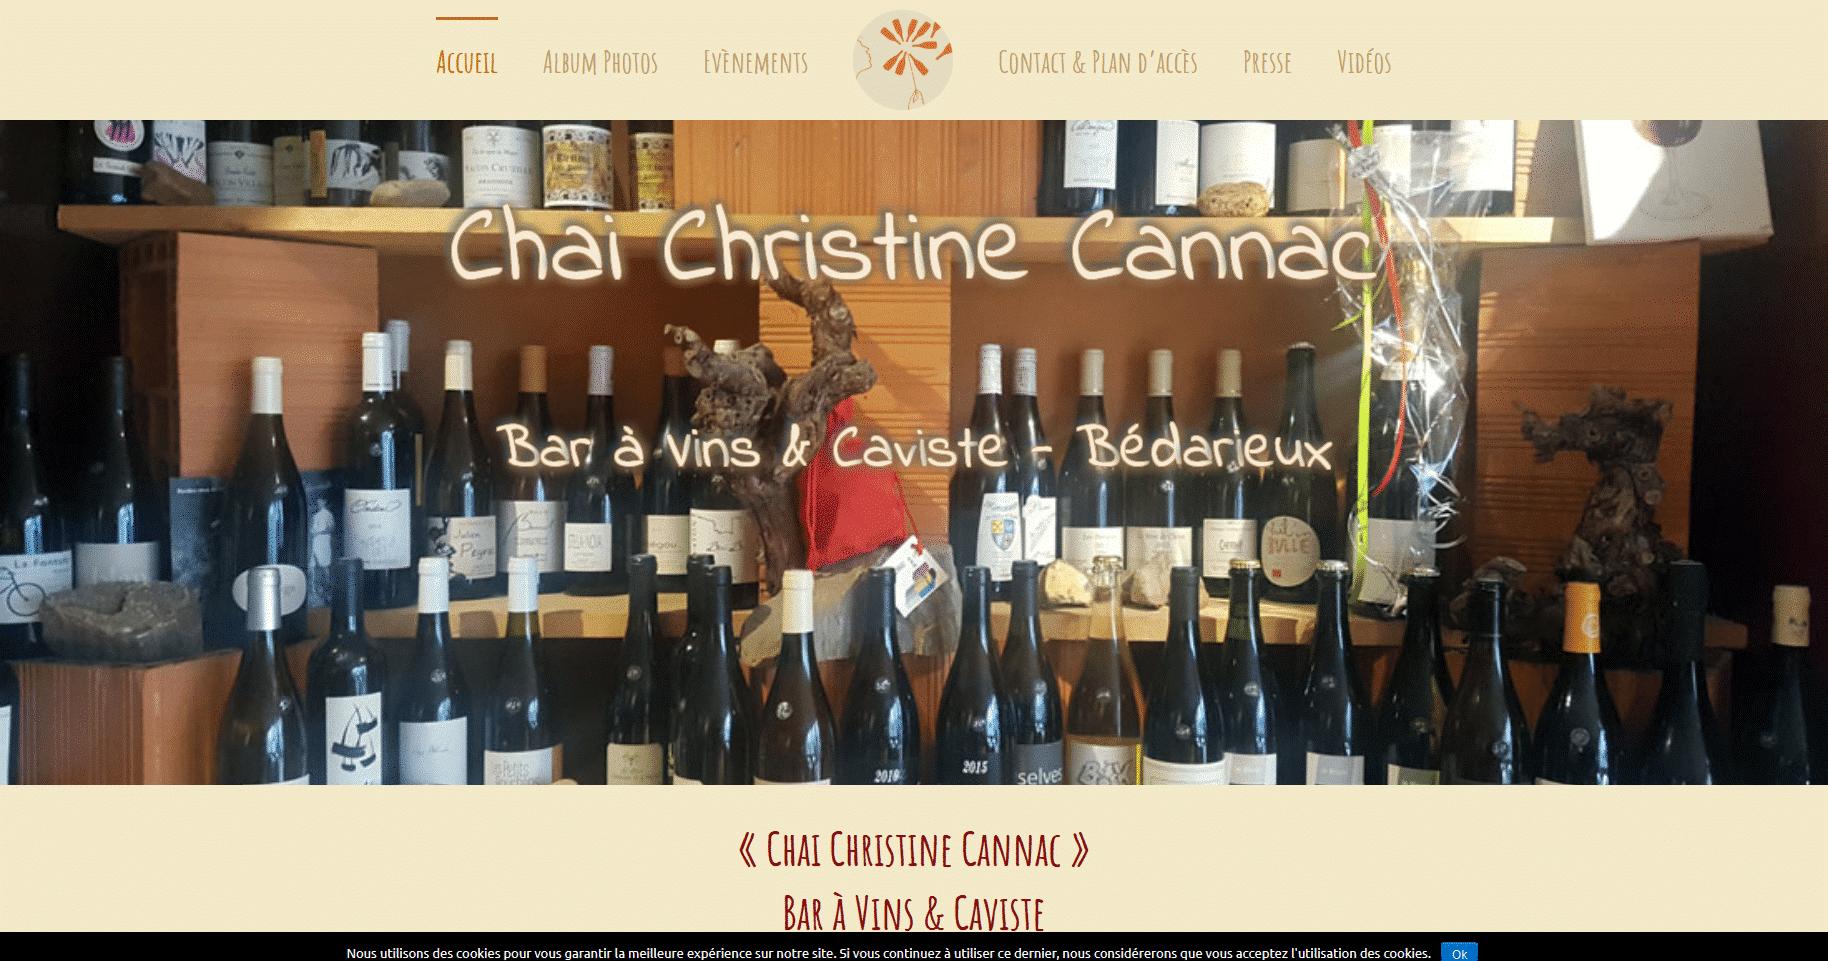 Chai Christine Cannac Caviste et Bar à Vins Bédarieux Chai Christine Cannac